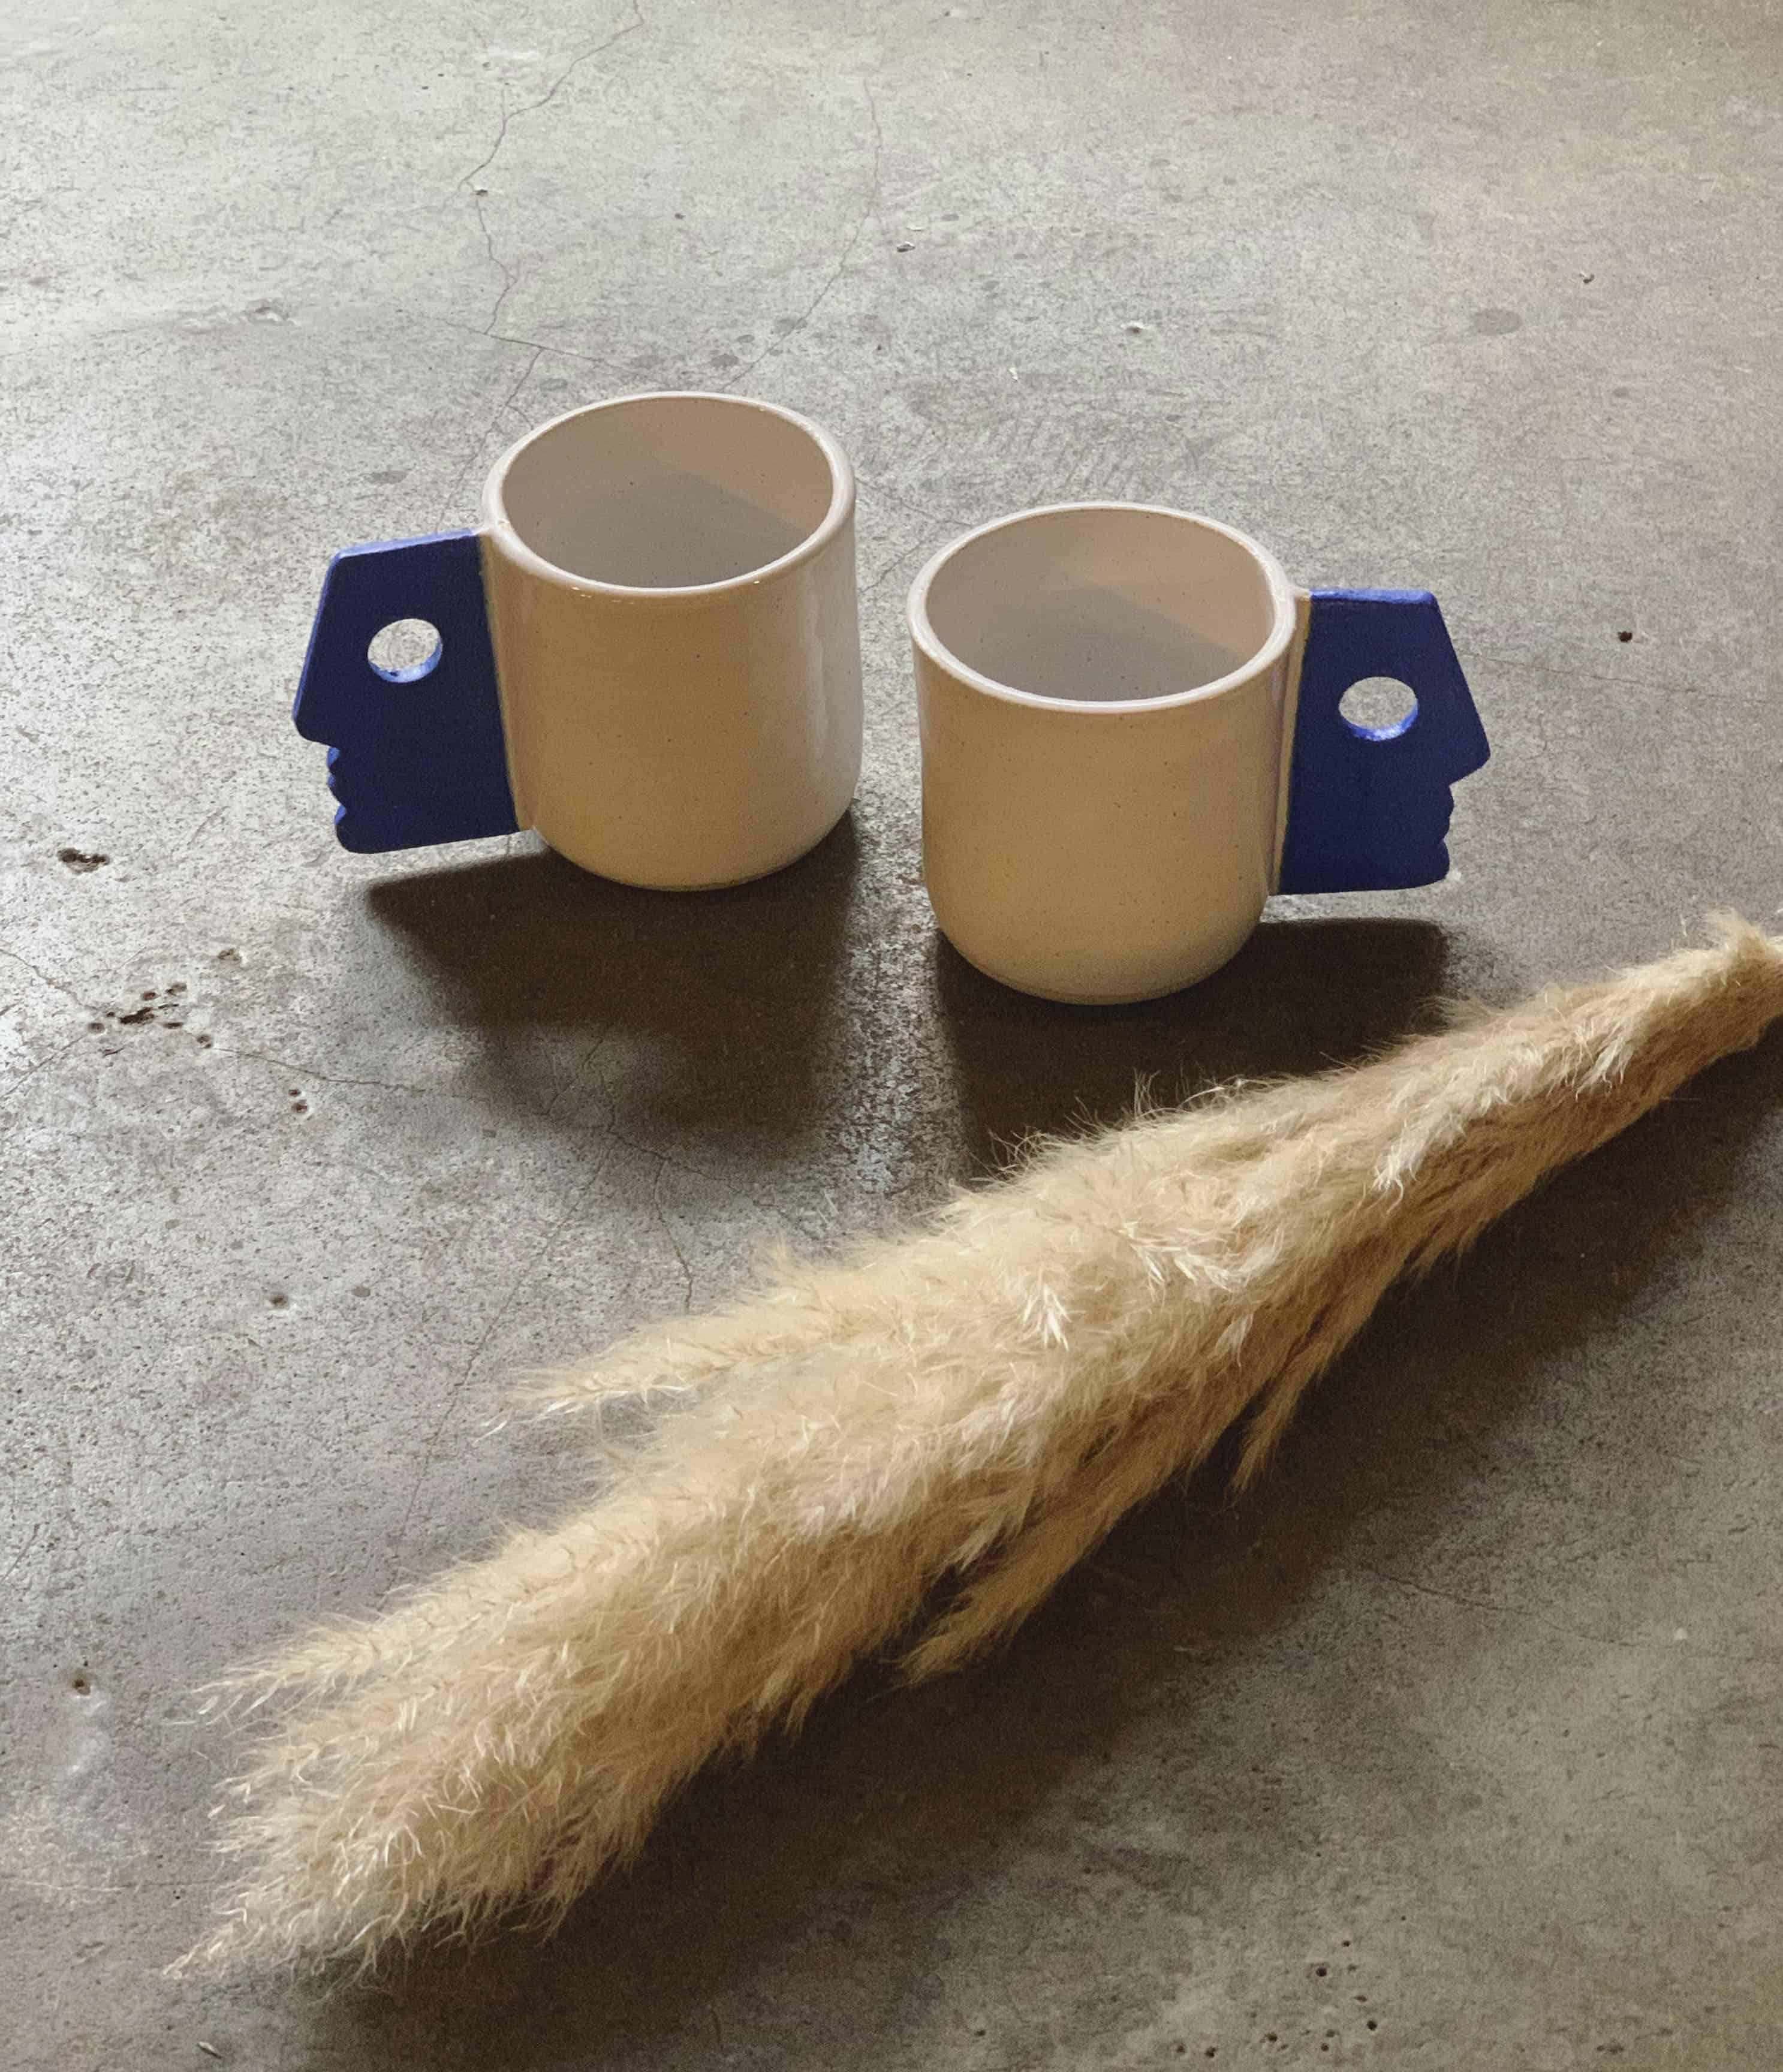 face mugs milo made